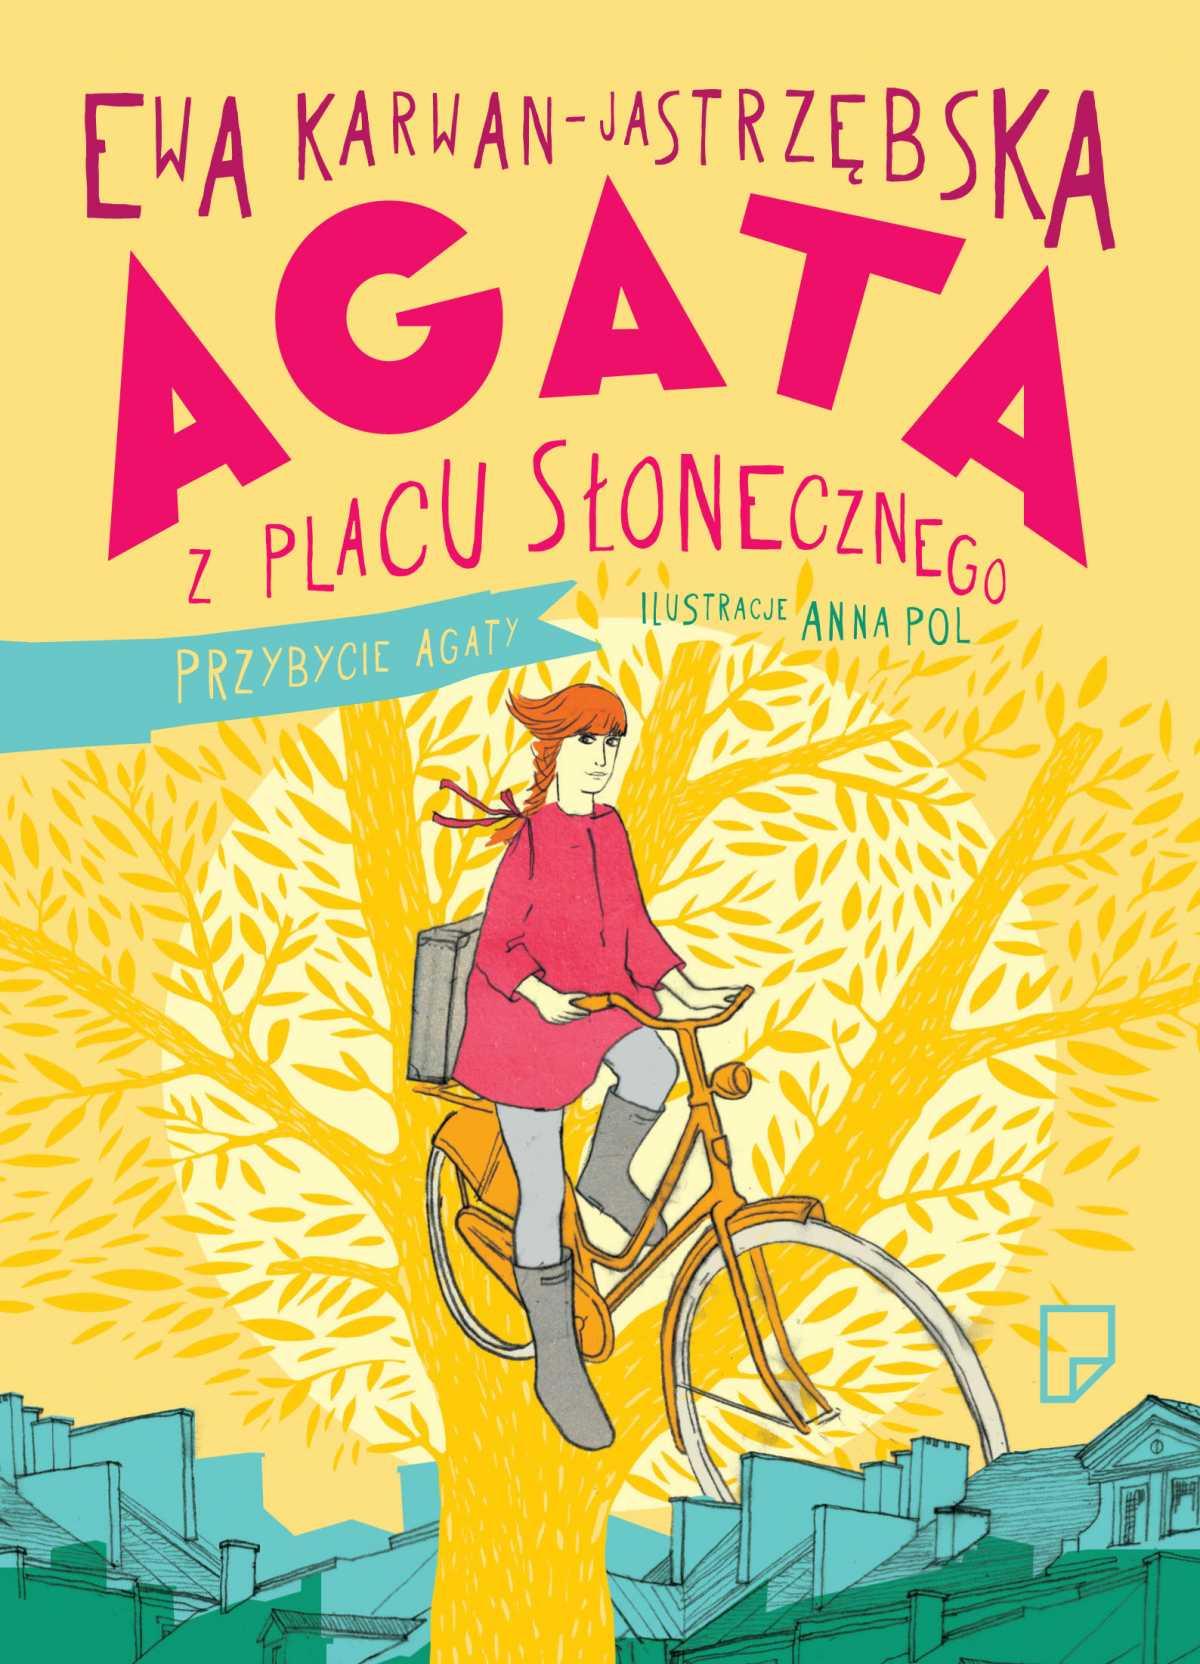 Agata z Placu Słonecznego - Tylko w Legimi możesz przeczytać ten tytuł przez 7 dni za darmo. - Ewa Karwan-Jastrzębska